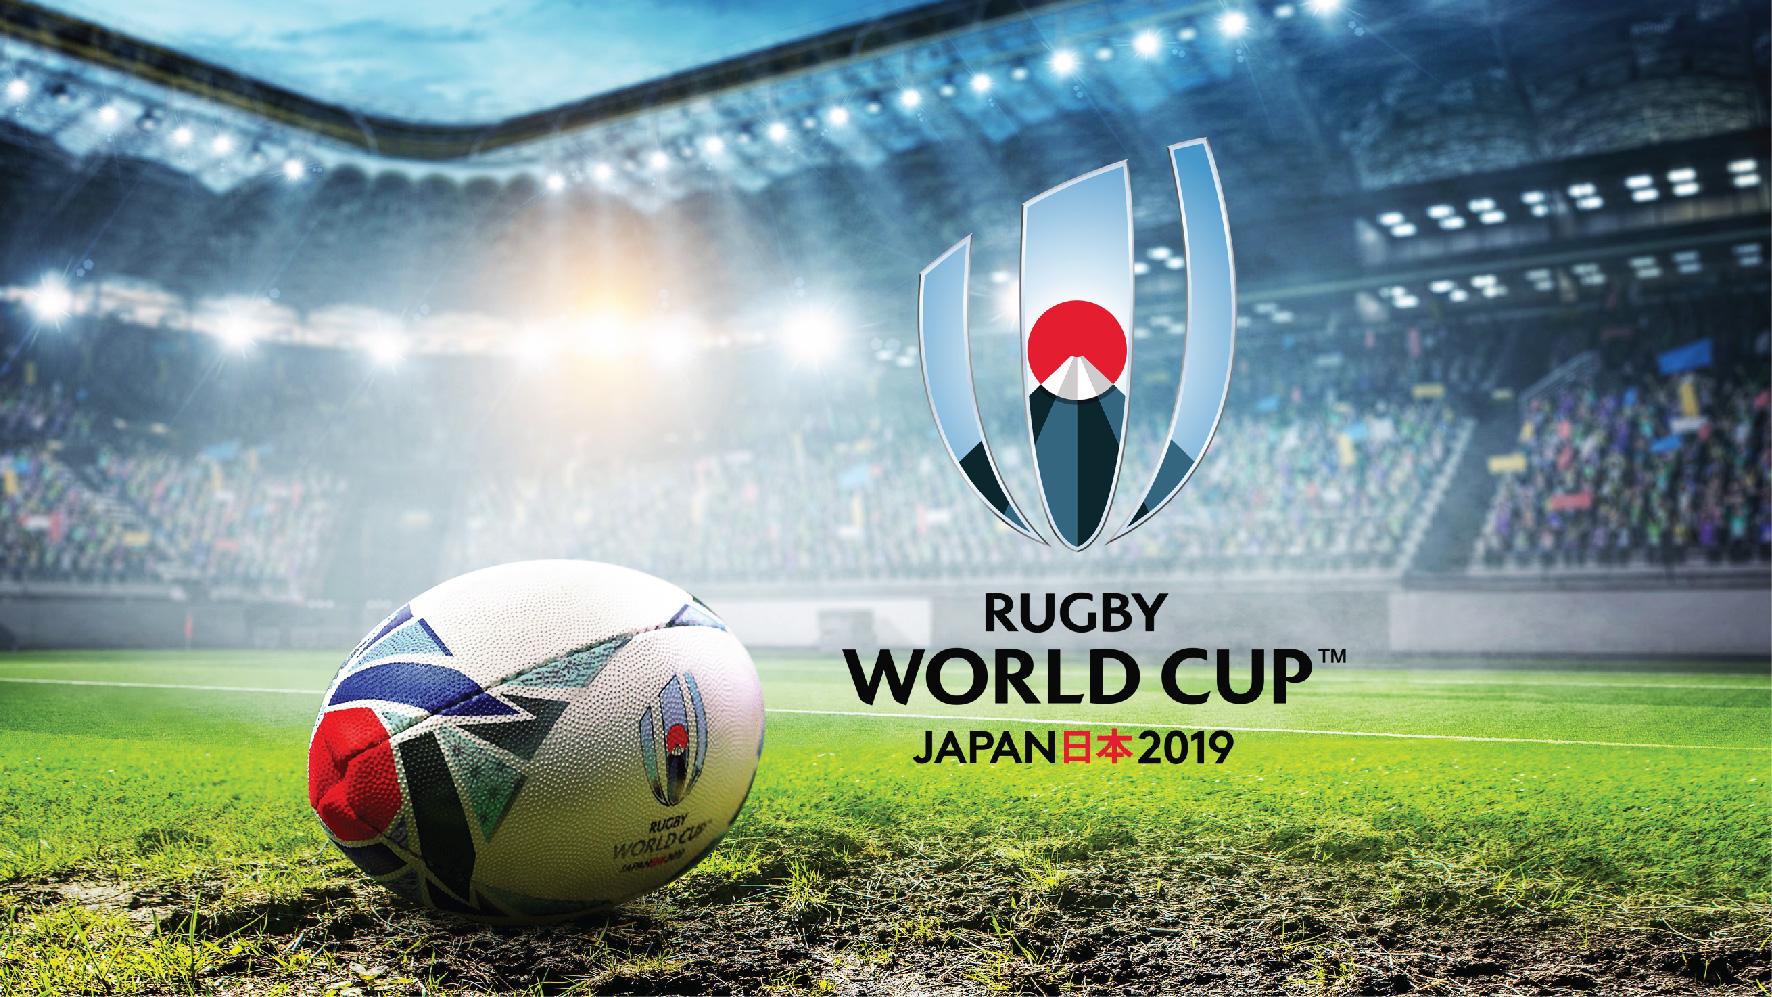 出典: http://sportforbusiness.com/rugby-world-cup-reaching-the-world/